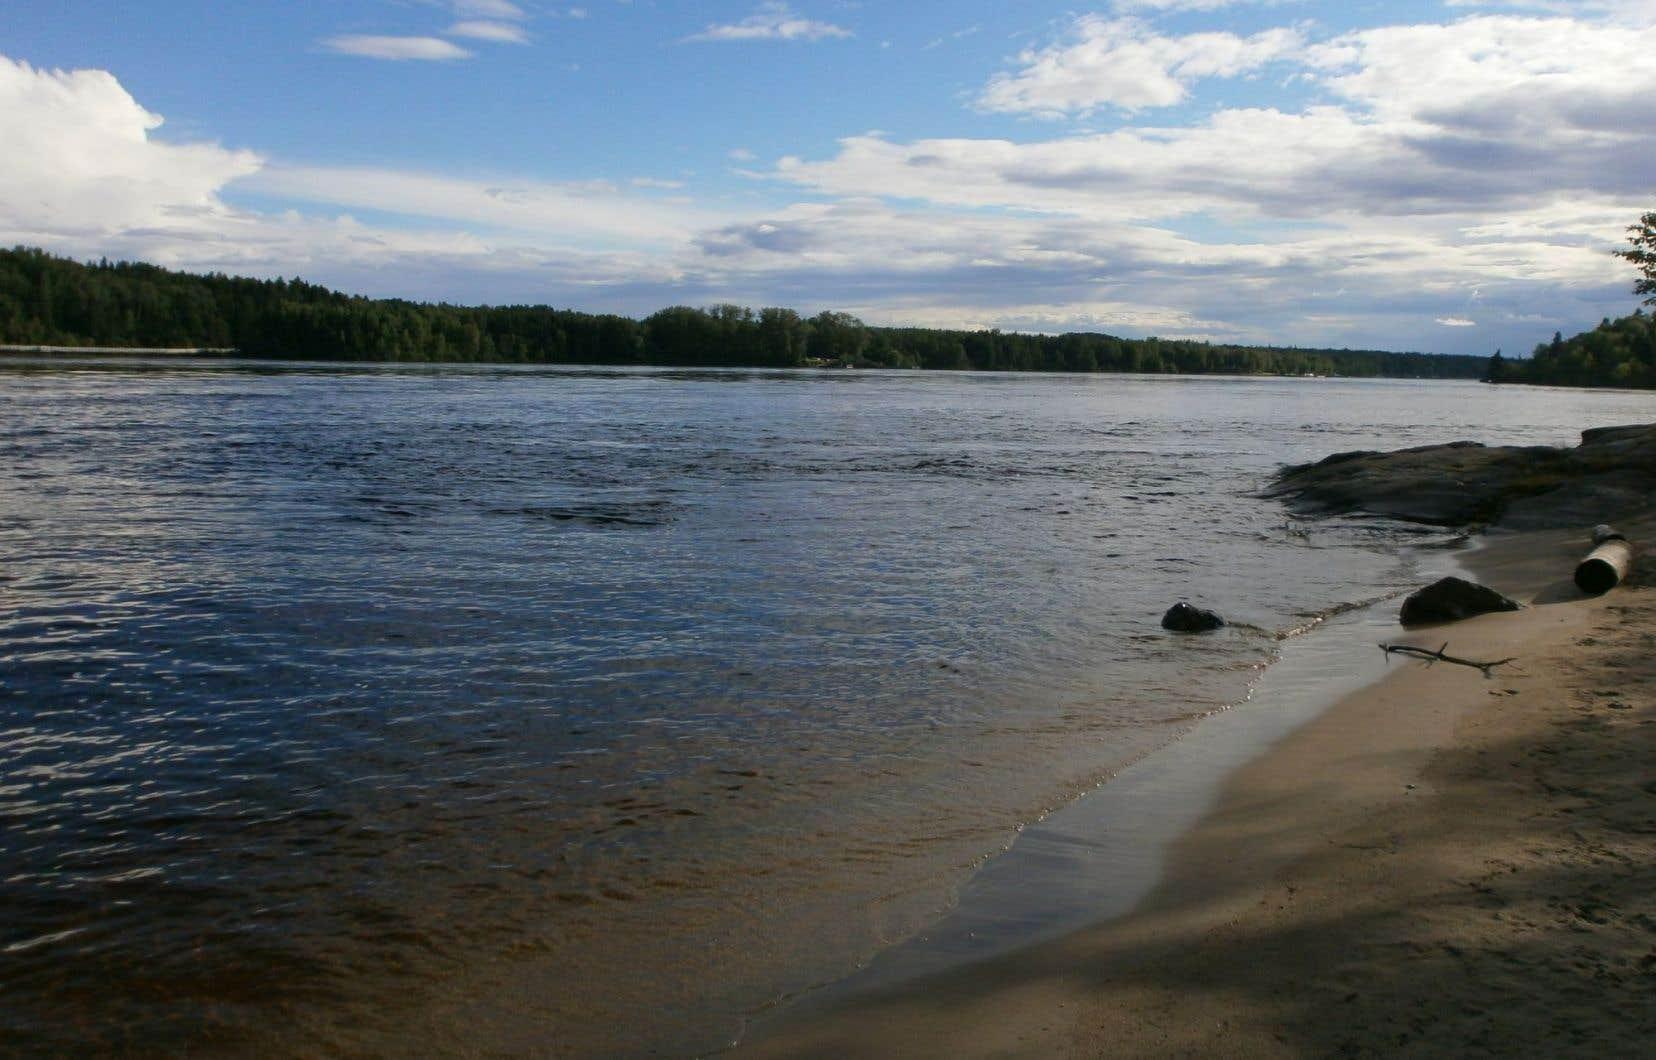 Les recherches faites sur les lacs fournissent des connaissances et des solutions à certains enjeux environnementaux majeurs, tels que les cyanobactéries ou la pollution par le mercure.